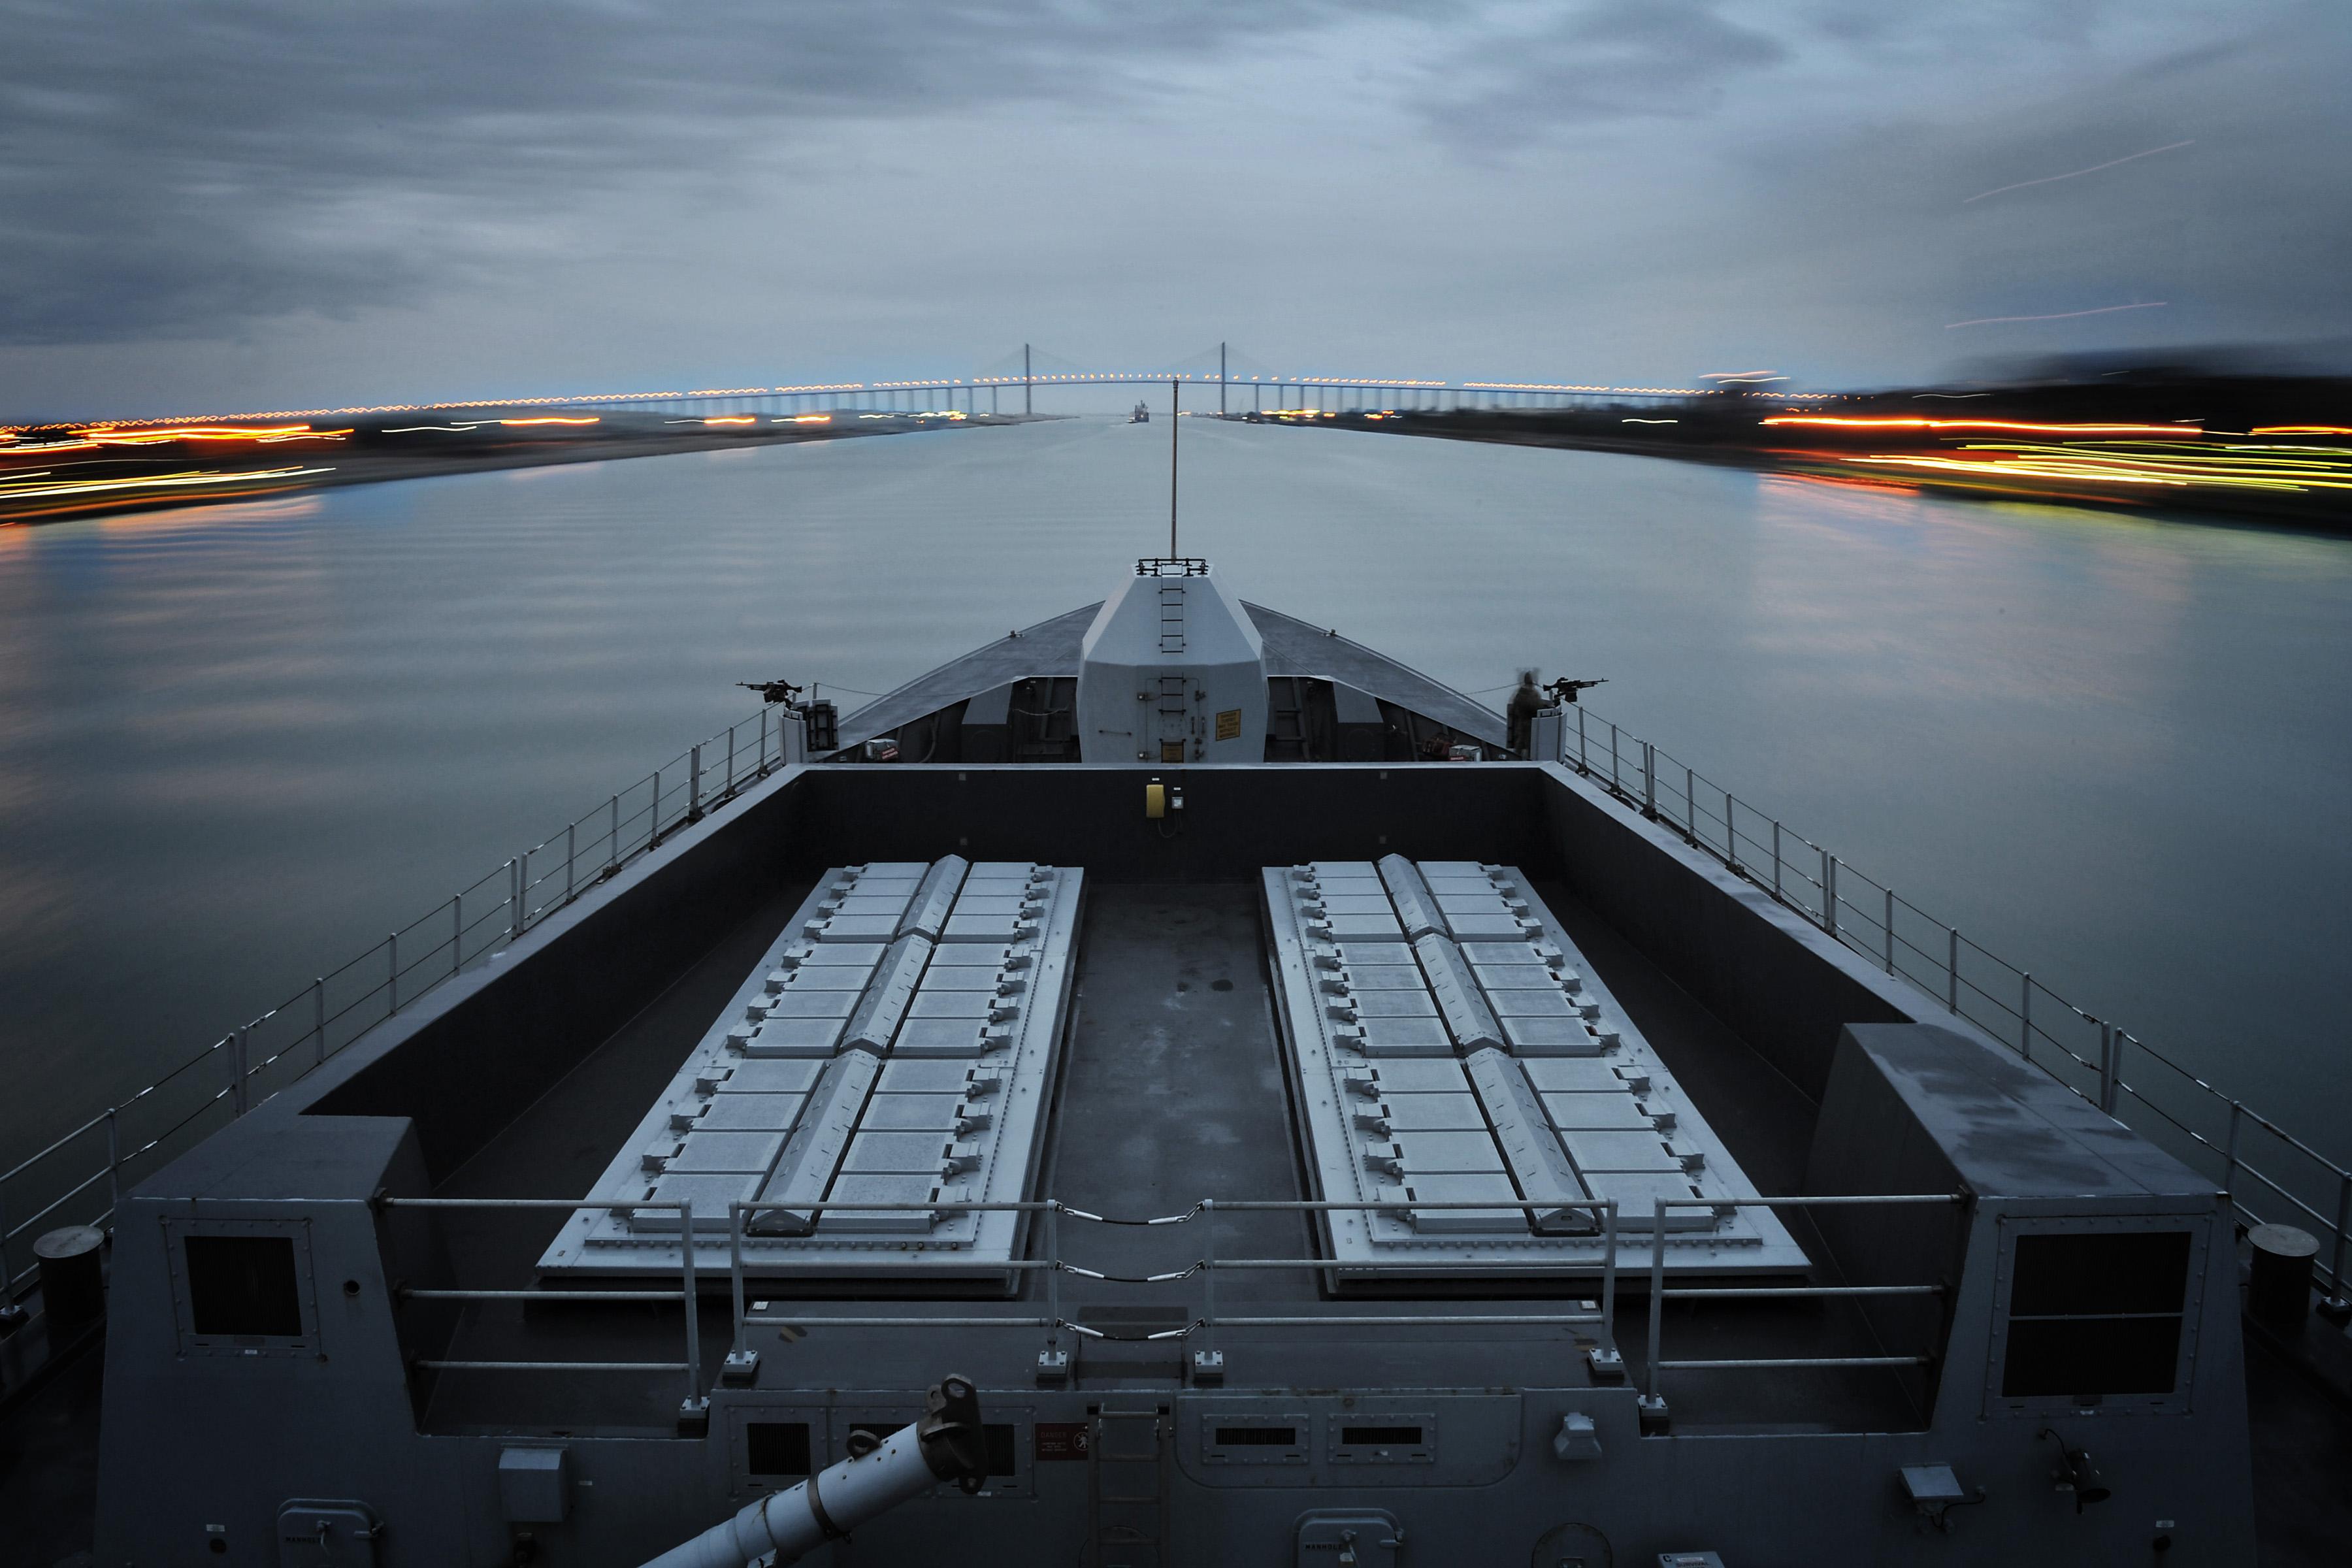 ファイル type 45 destroyer hms daring passing through the suez canal